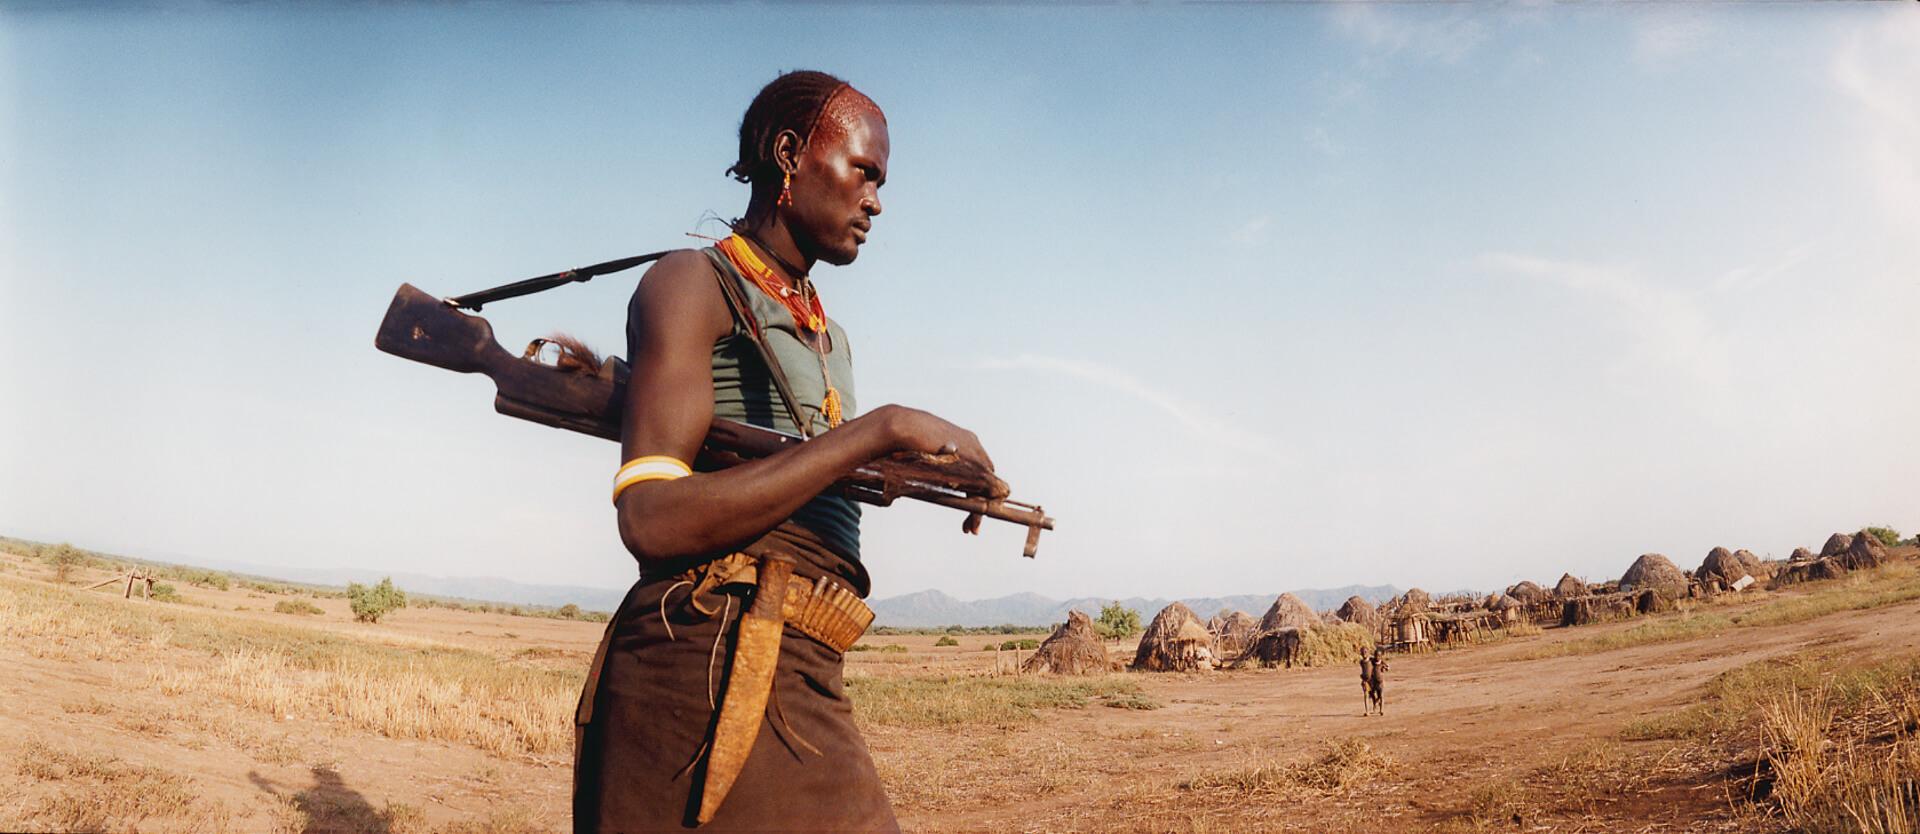 Etiopia ak47-panorama